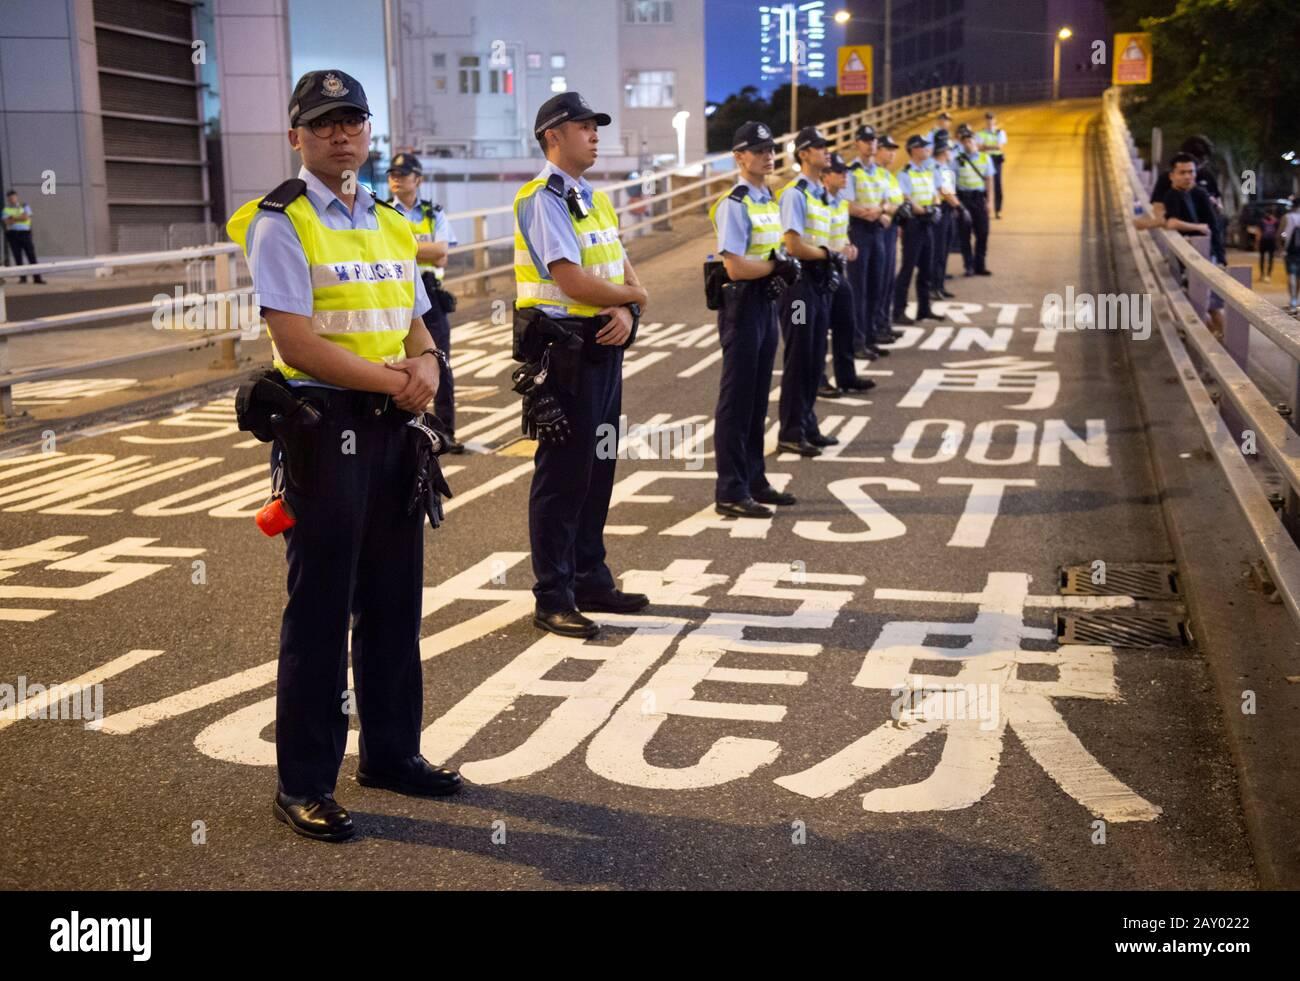 Hong Kong,China:16 Jun,2019. Policía descansa su mano en una lata de aerosol de pimienta, listo si un protester paso fuera de line.Protesters marcha a través de Wan Foto de stock